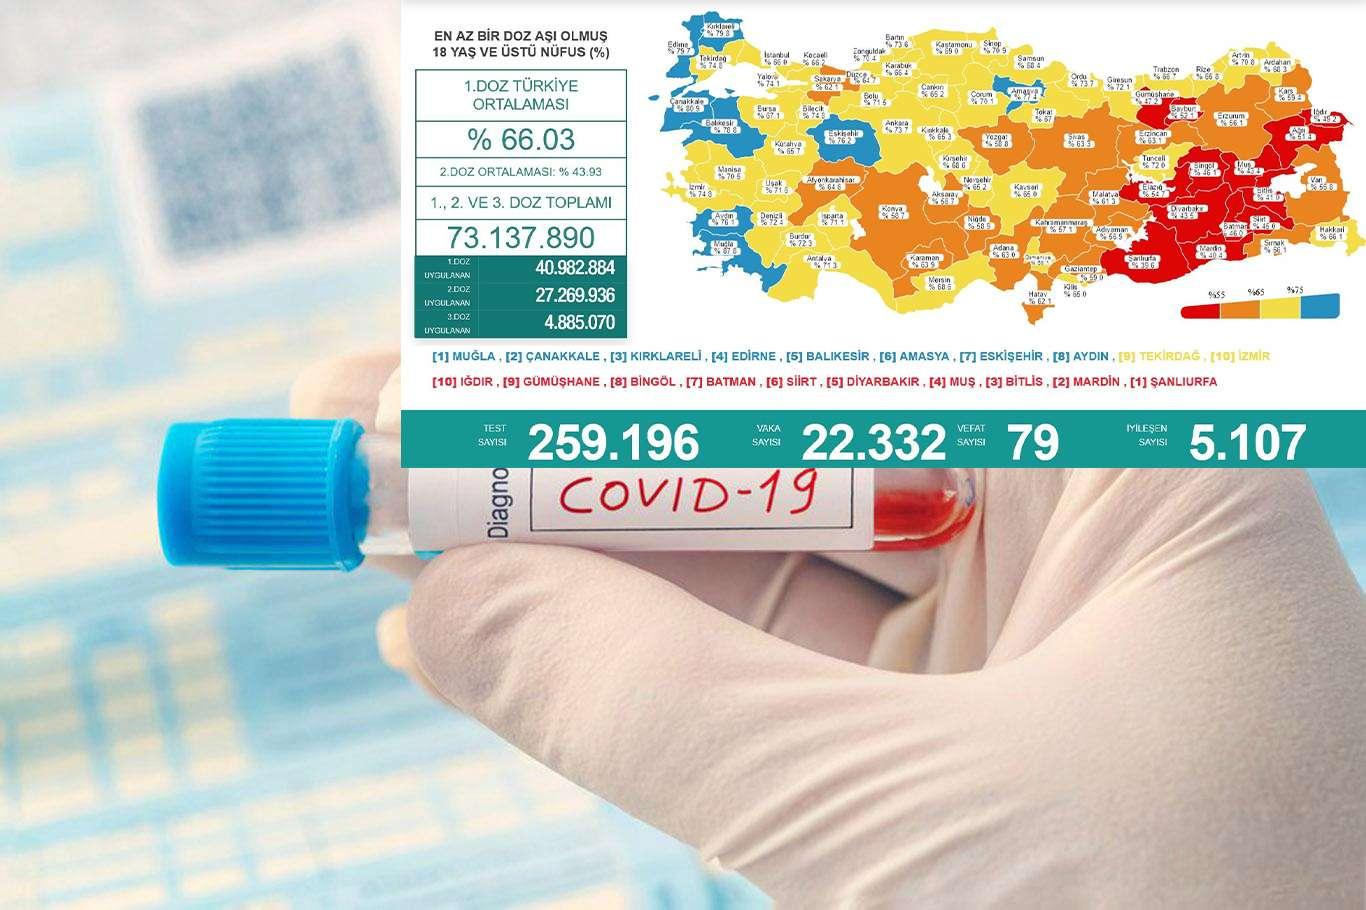 Türkiyede son 24 saatte 79 kişi vefat etti 22 bin 332 vaka tespit edildi